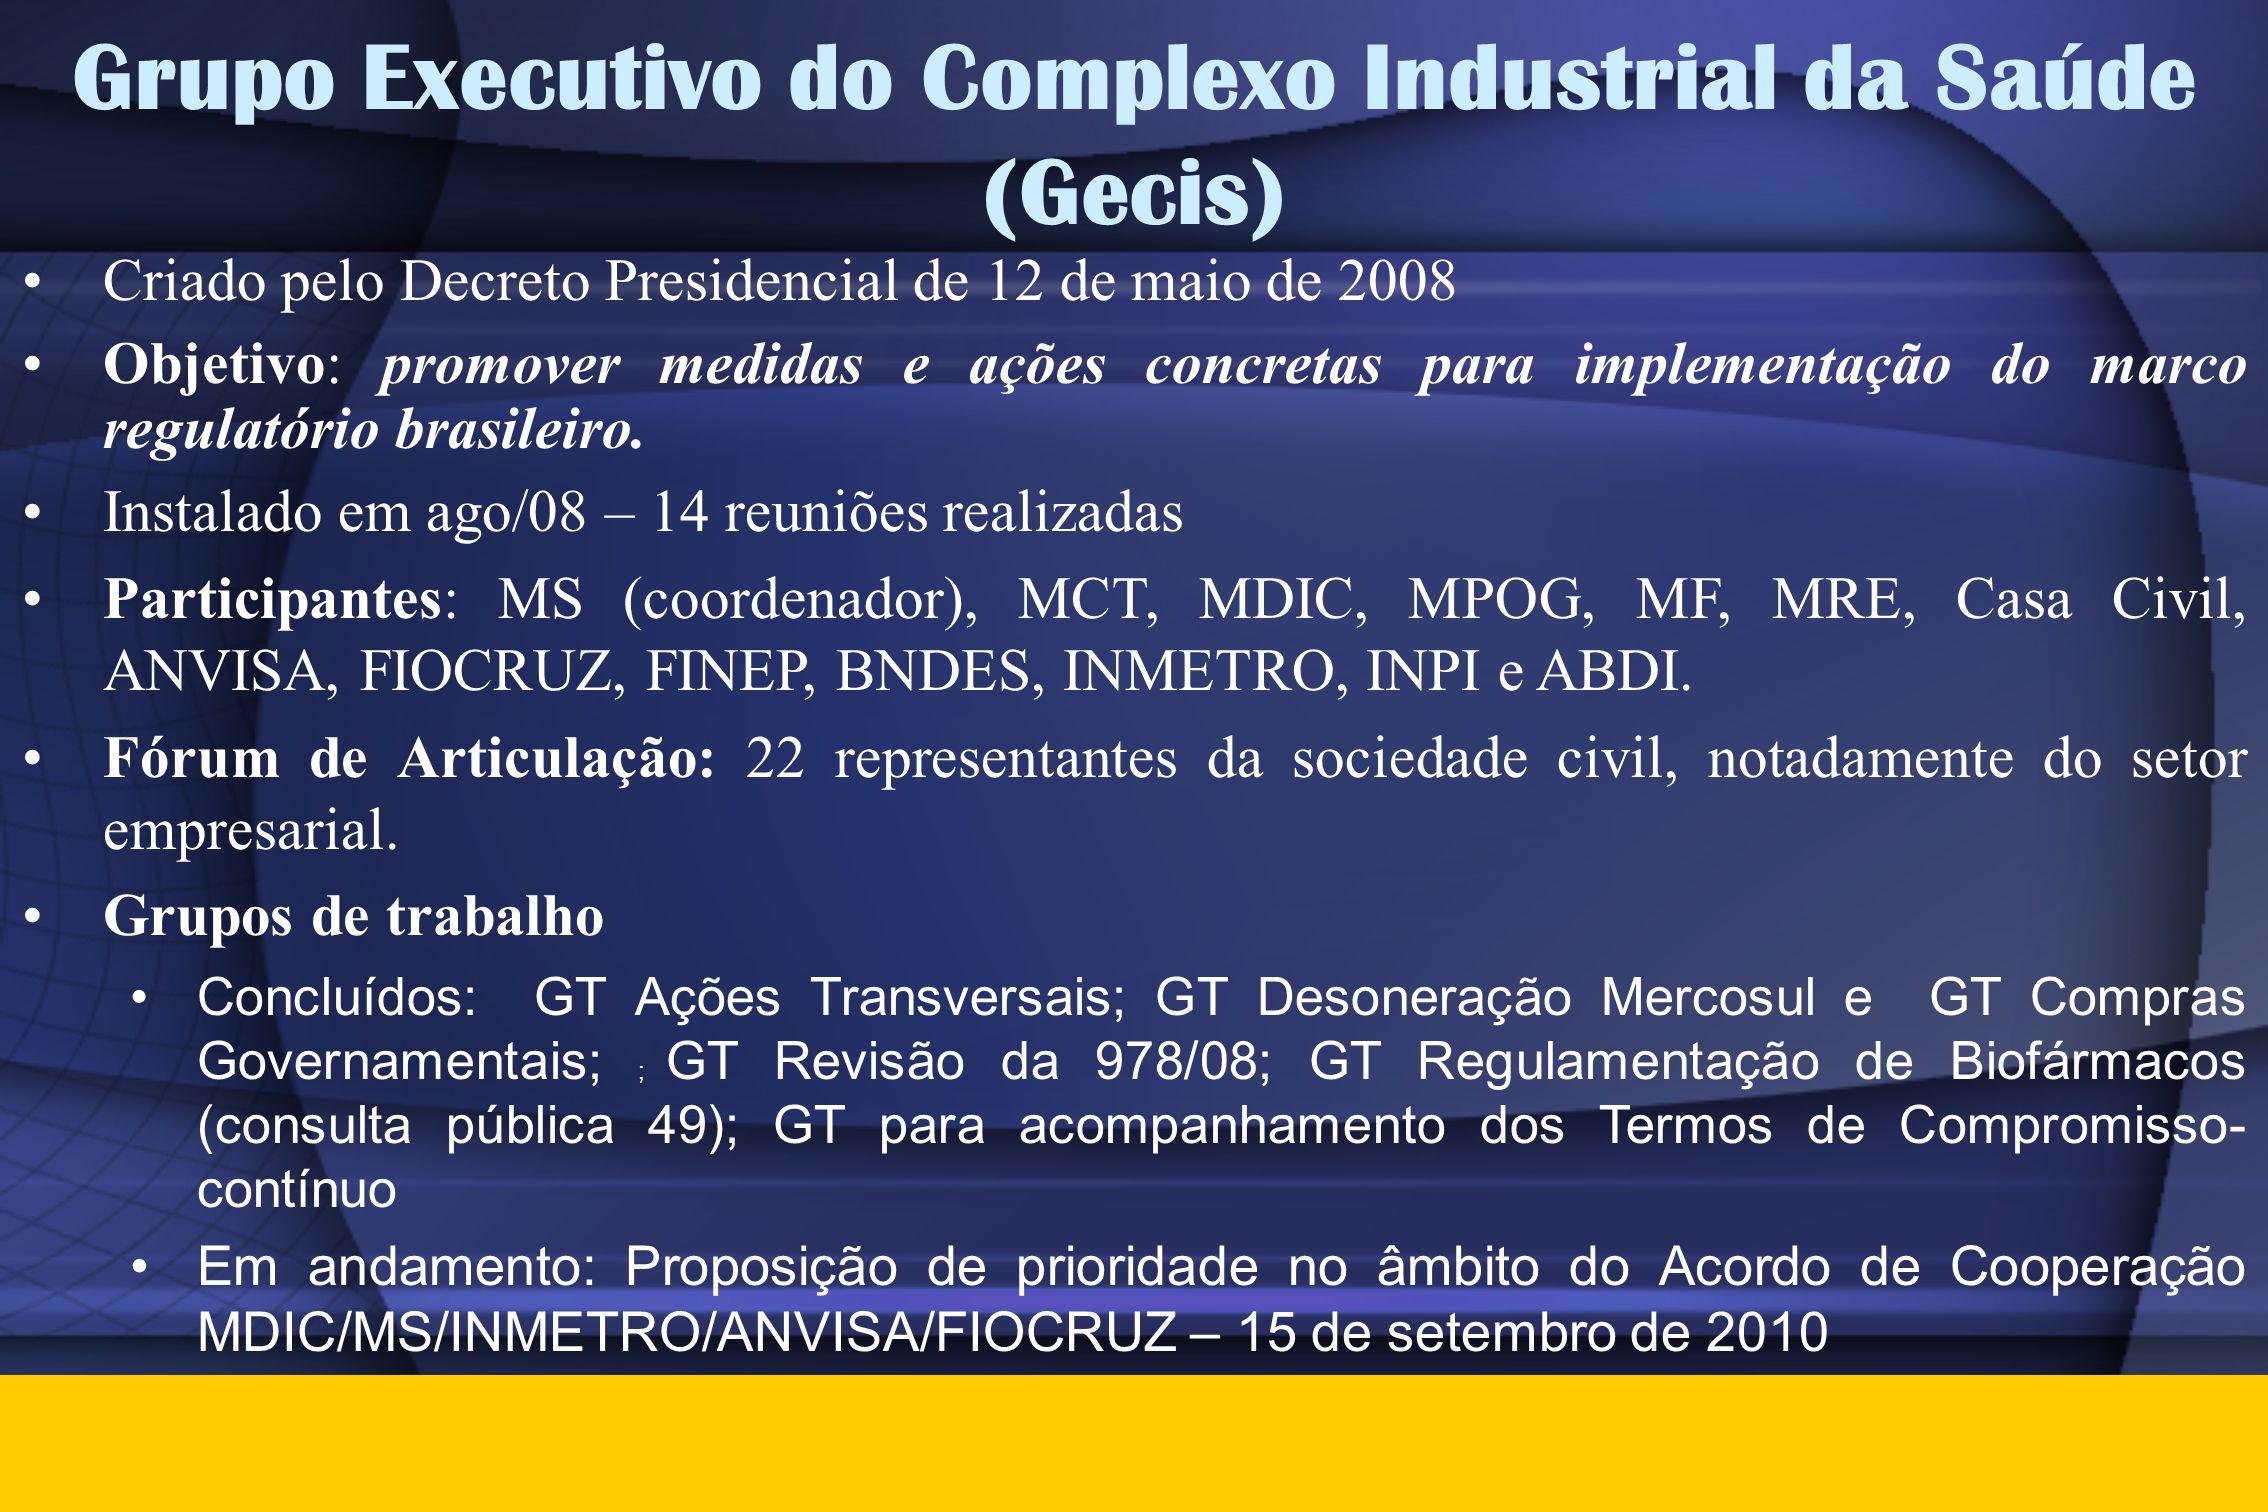 Grupo Executivo do Complexo Industrial da Saúde (Gecis)